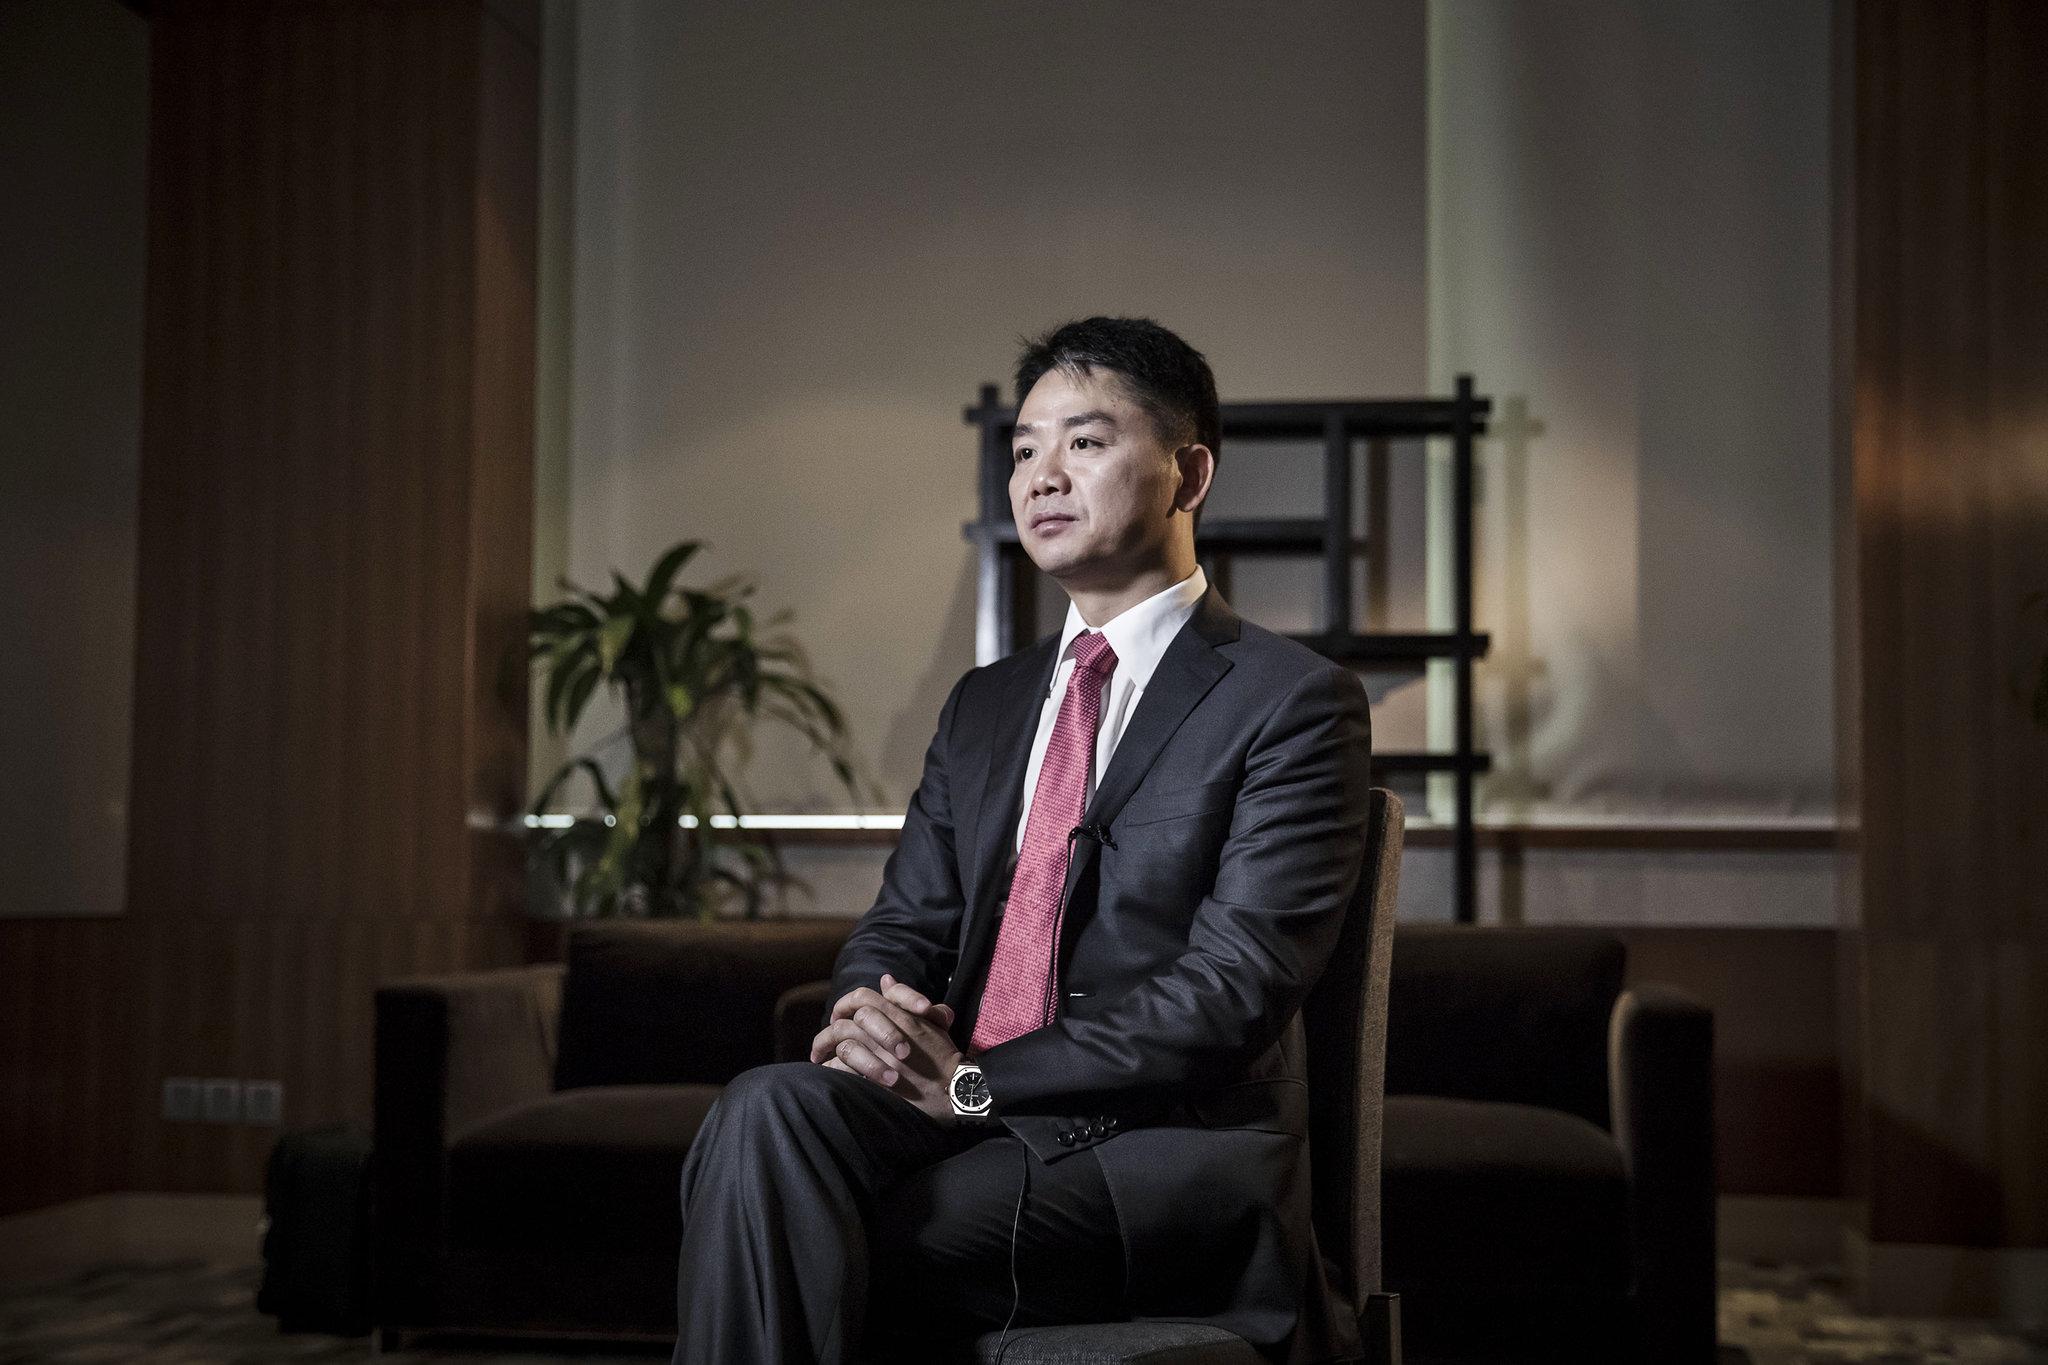 纽约时报报道刘强东性侵案:令明尼苏达大学卷入旋涡